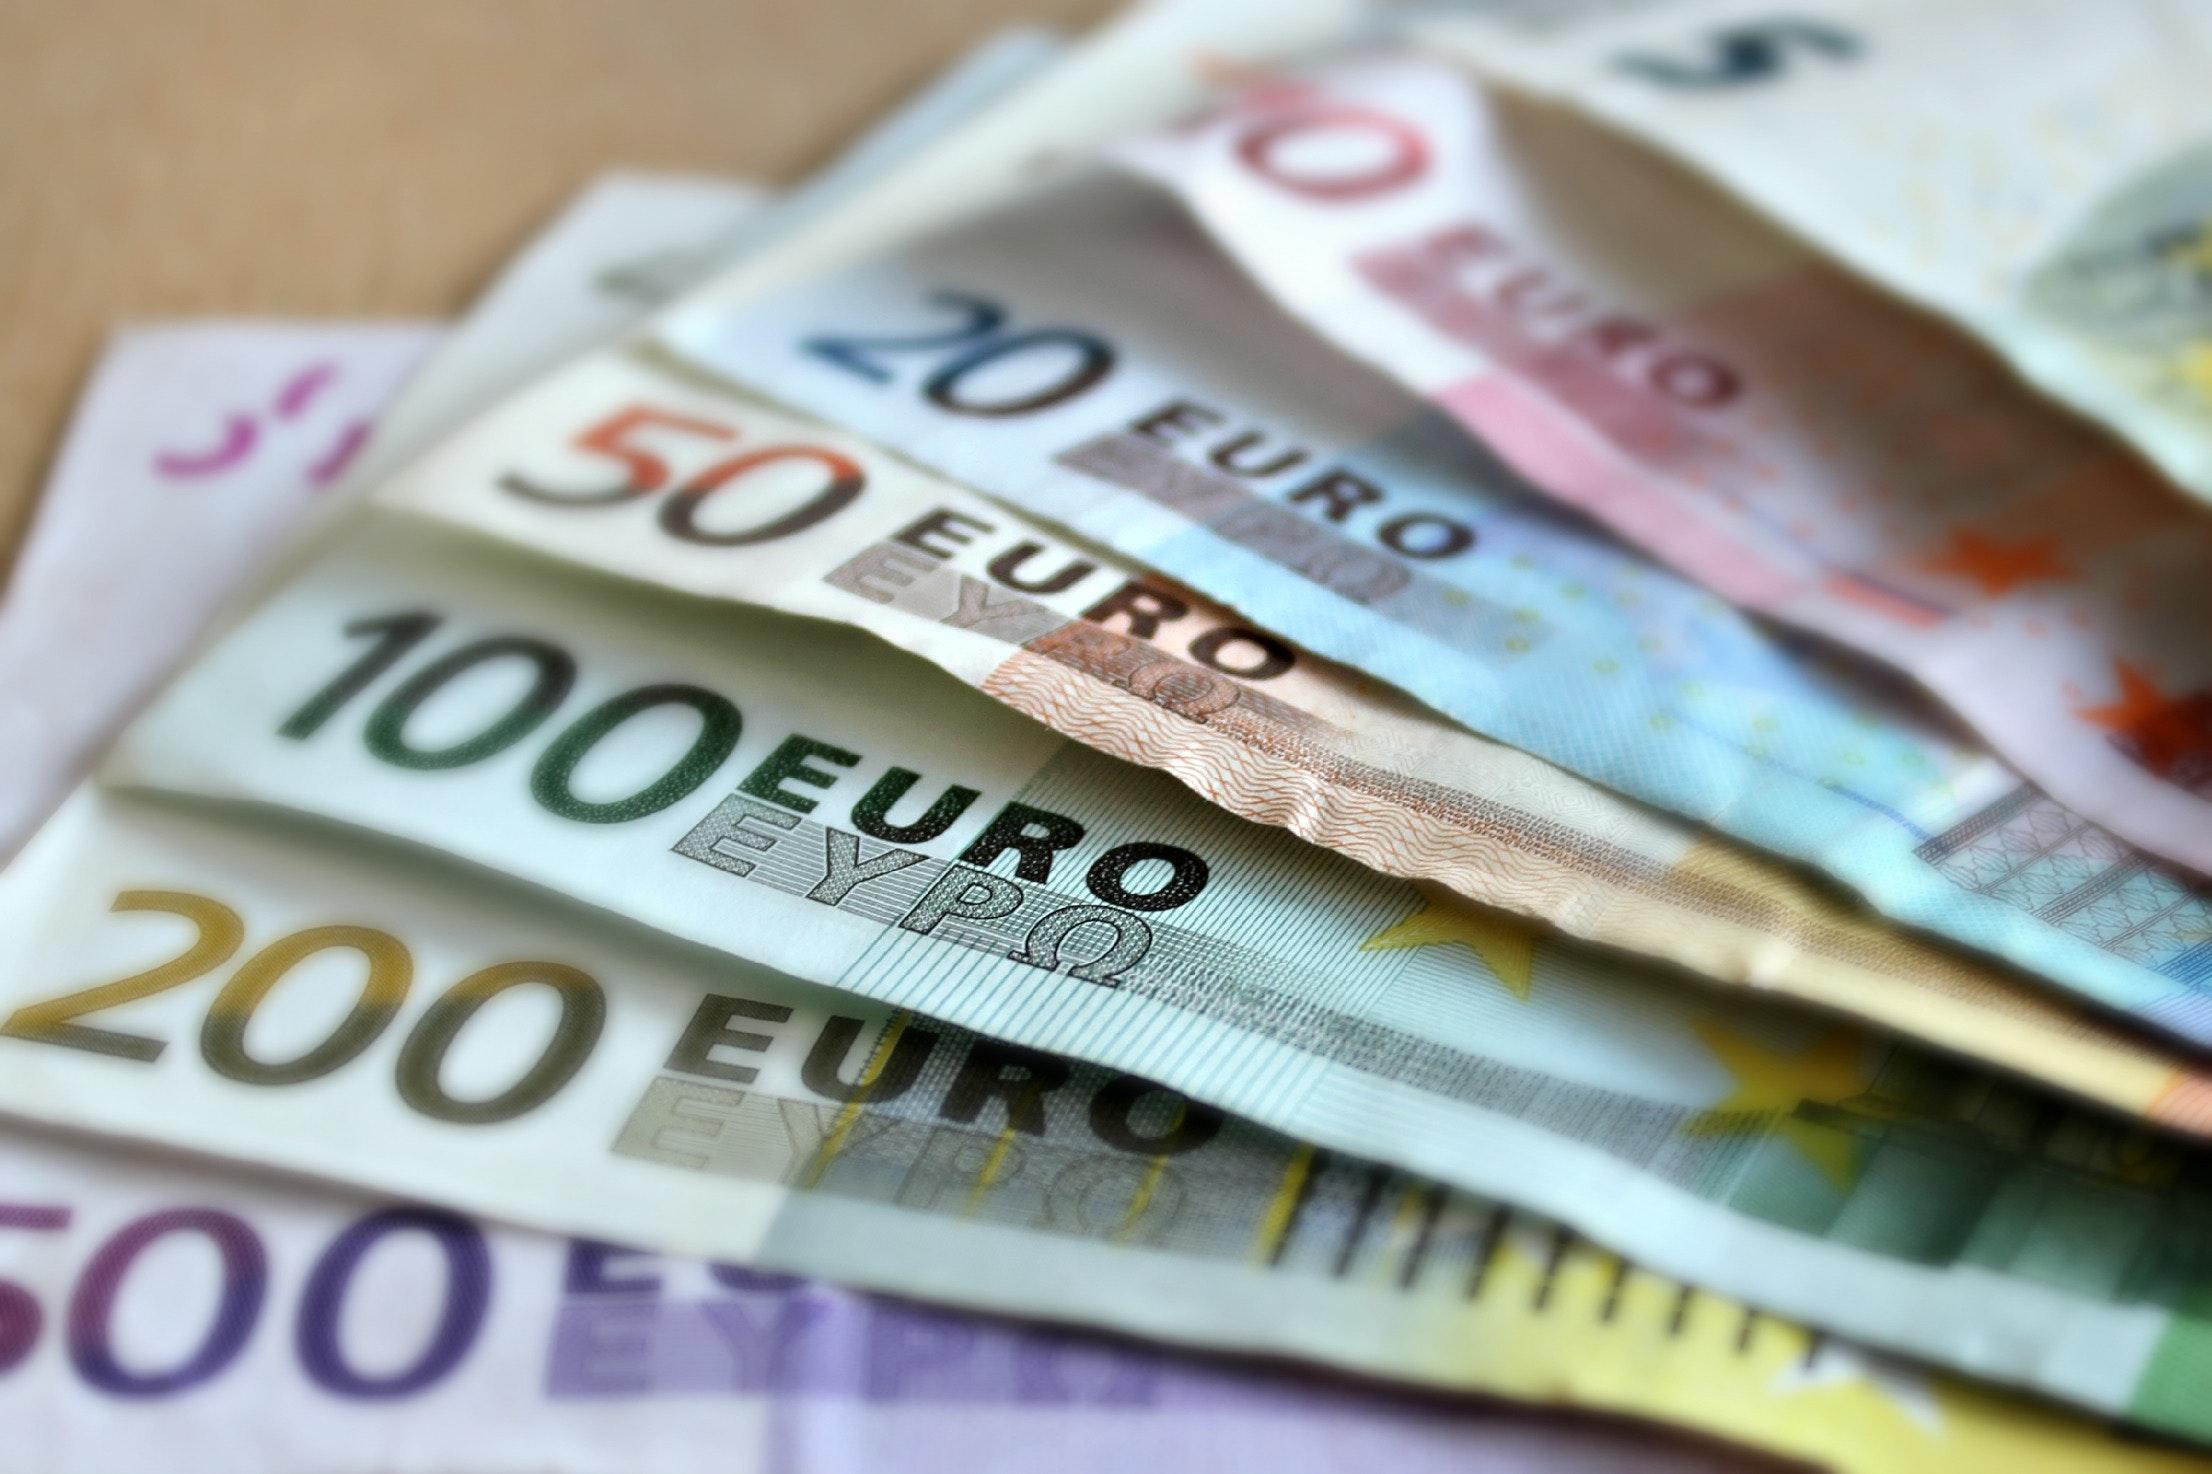 Työttomyysetuudet ja eurot